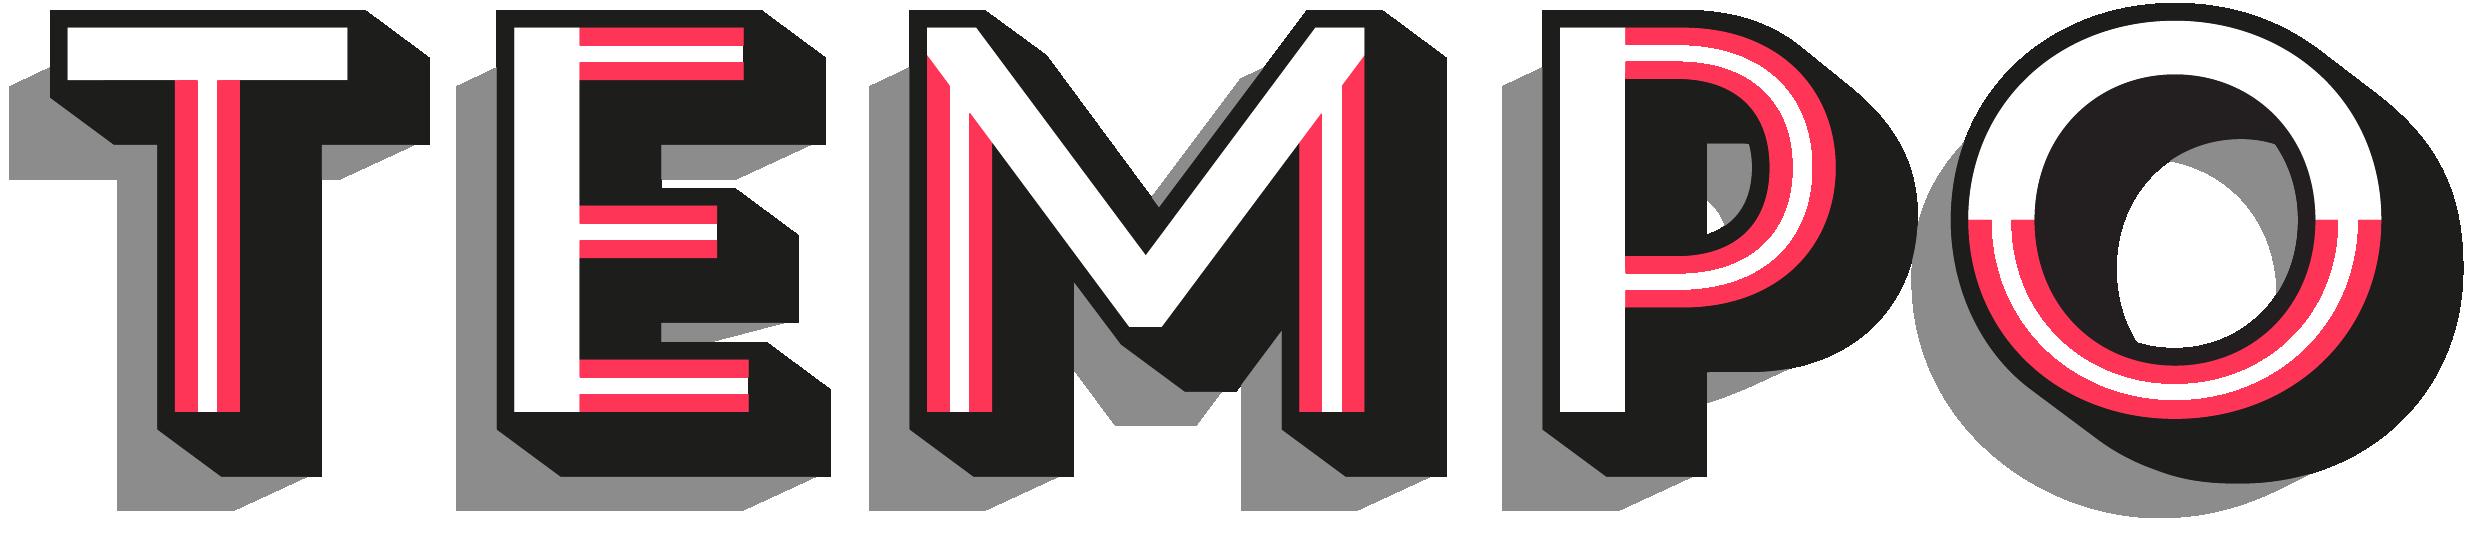 udemy business logo